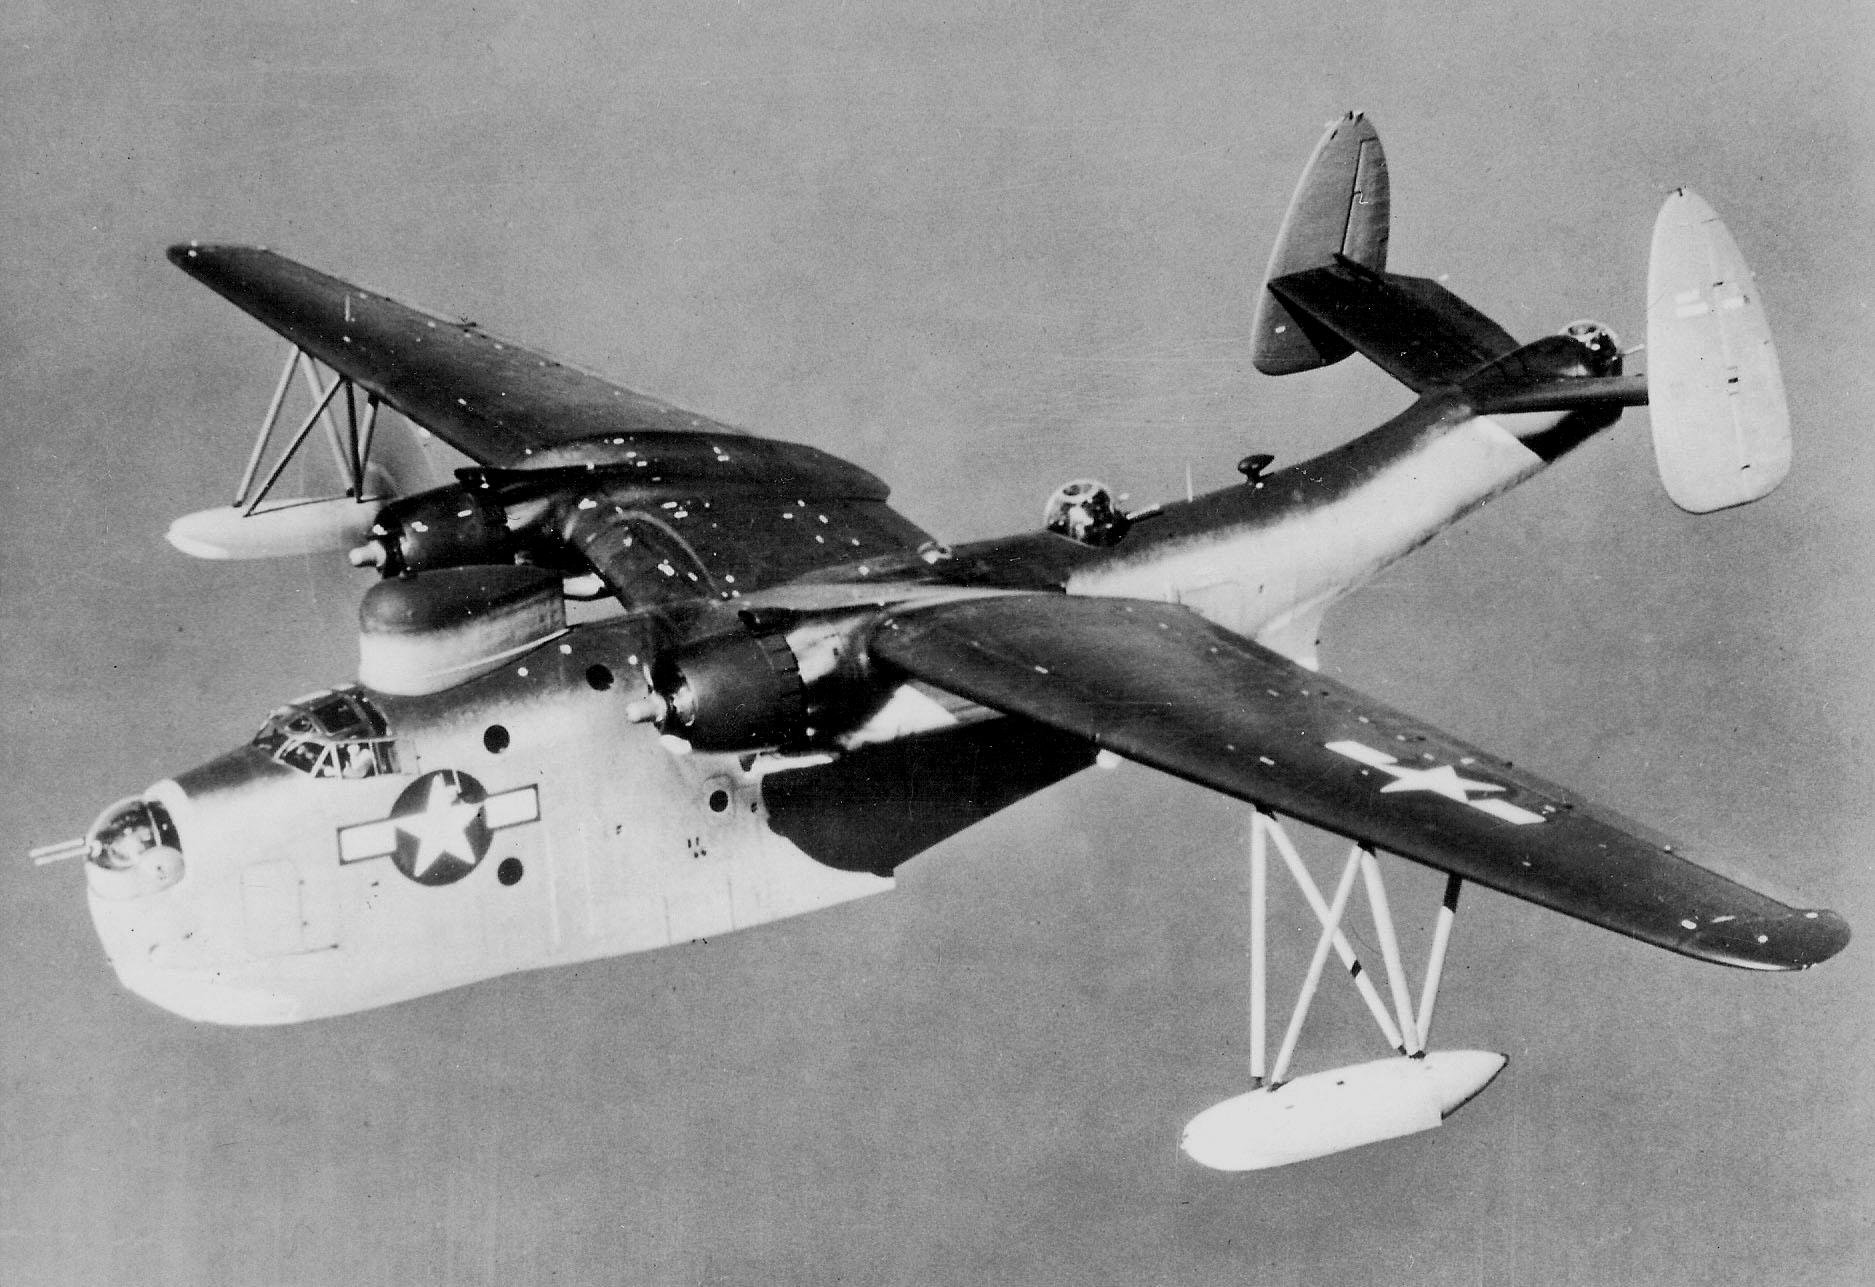 75 năm trước, phi đội máy bay chiến đấu của Mỹ đã biến mất bí ẩn tại Tam giác Quỷ Bermuda - Ảnh 4.